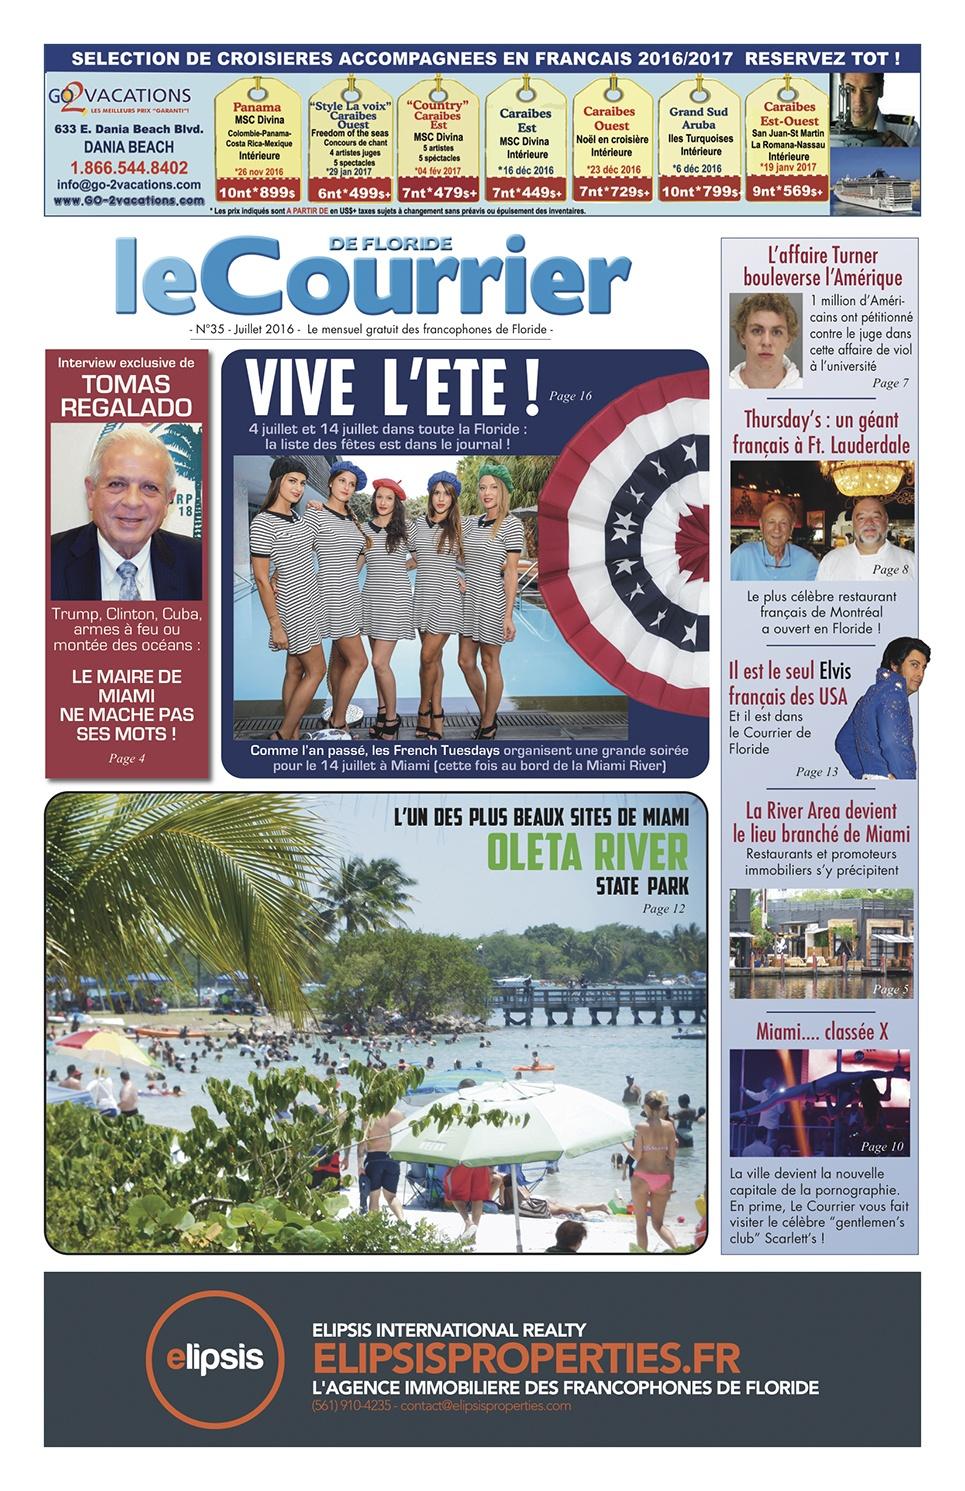 Courrier de Floride de Juillet et Août 2016